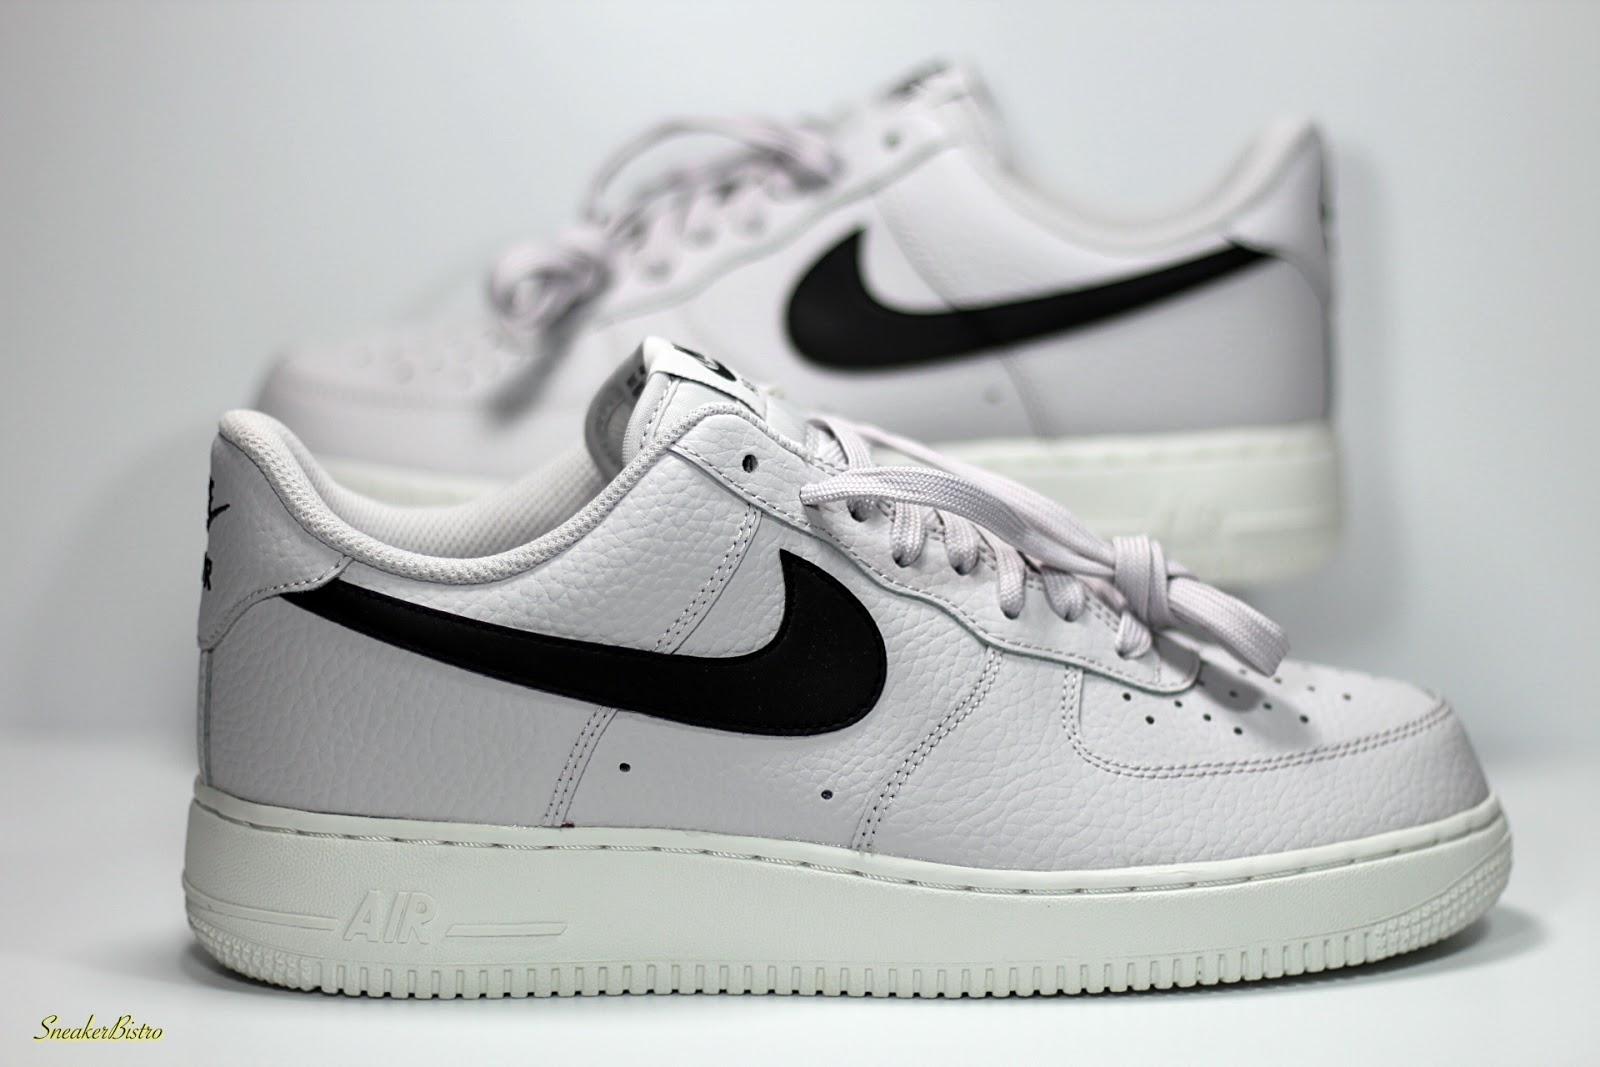 5e24f36994f5 Nike Air Force 1  07 Vast Grey  Black-Summit White